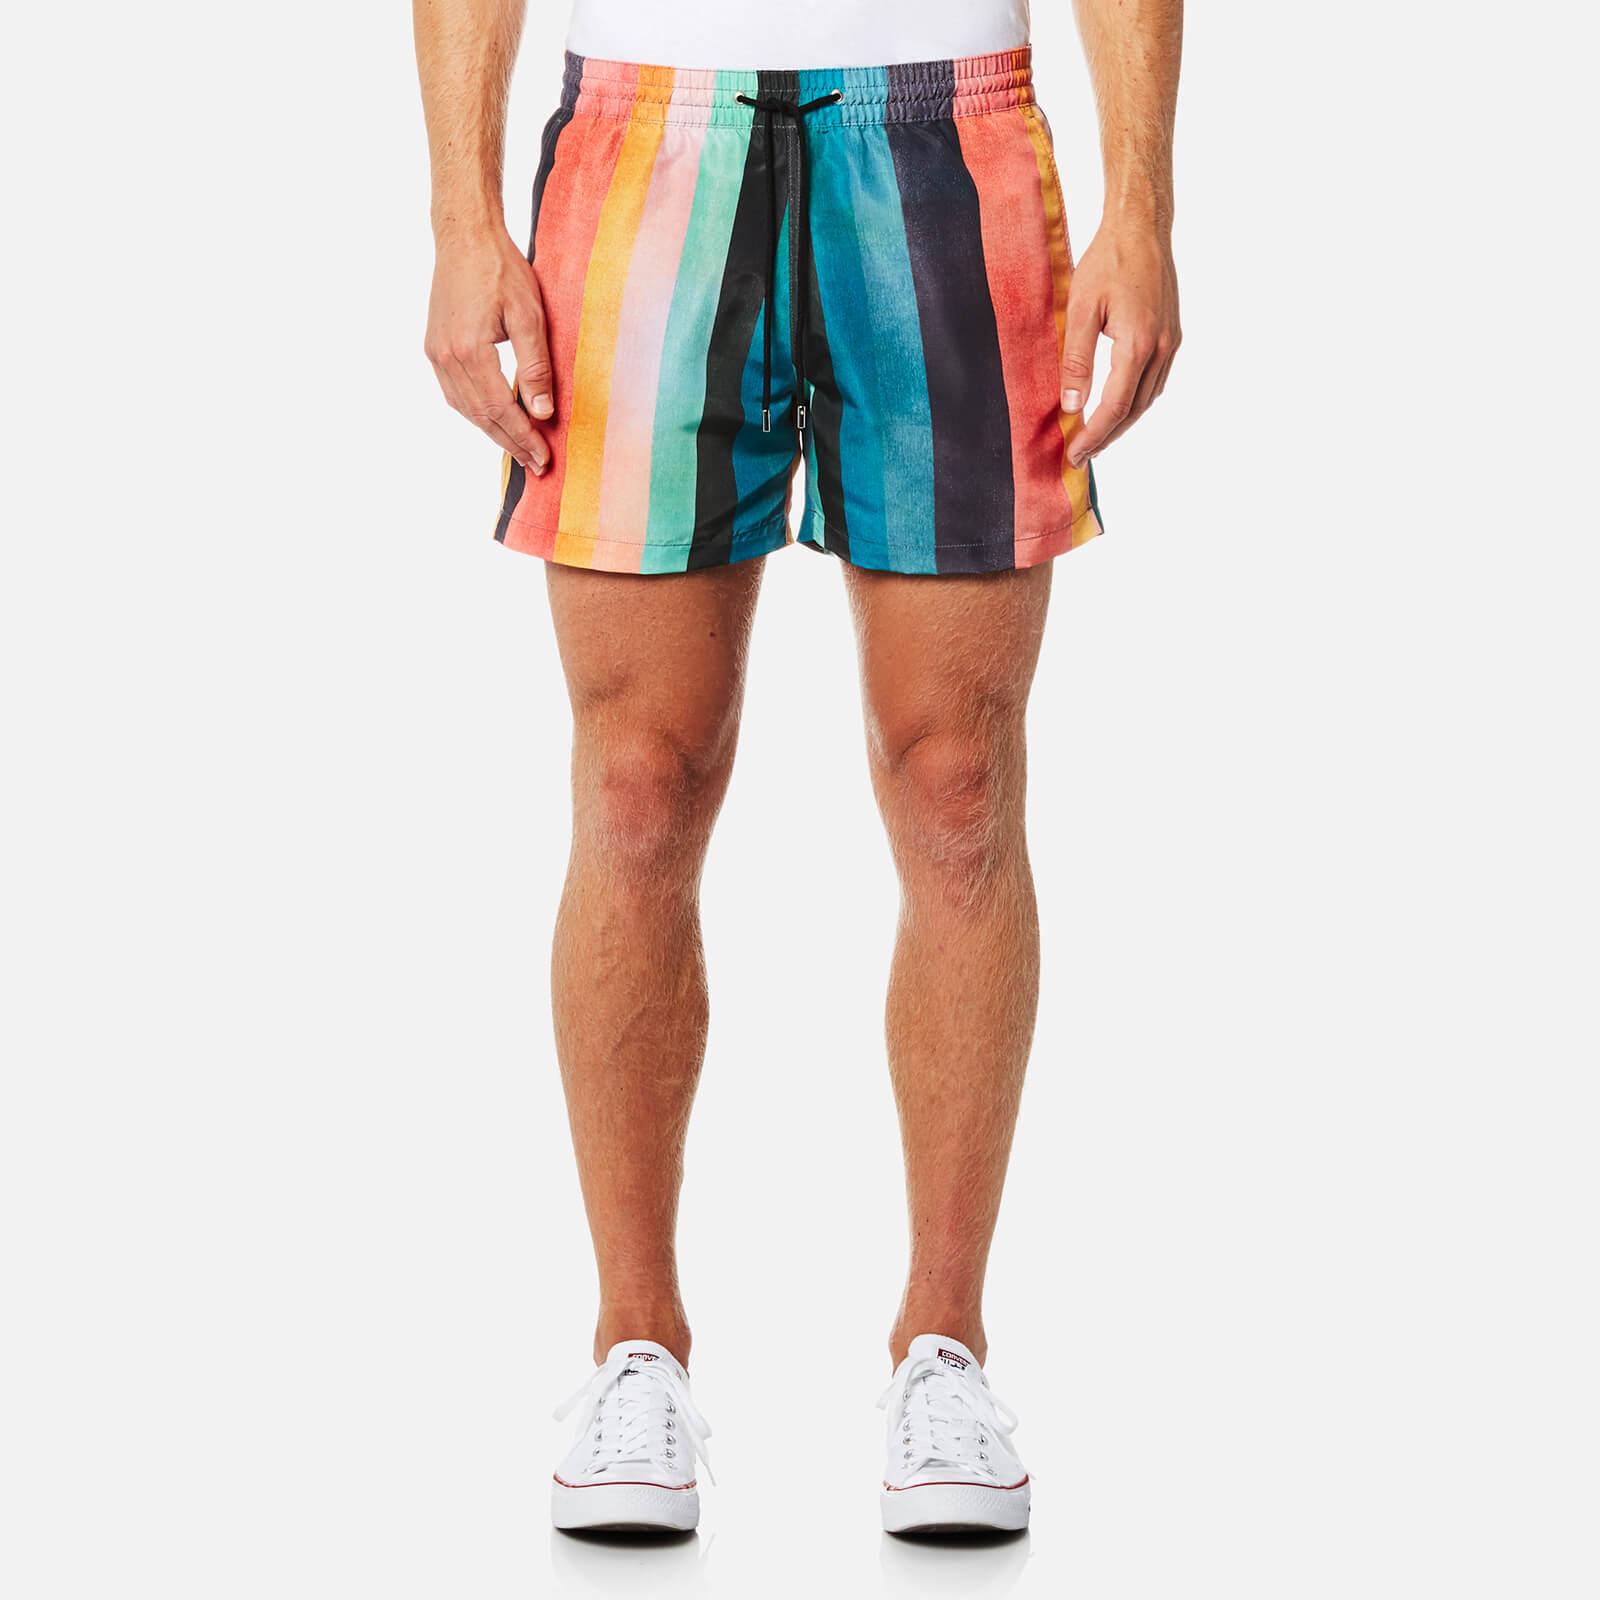 5e33f73e32 Paul Smith Men's Classic Artist Stripe Swim Shorts - Multi - Free UK  Delivery over £50